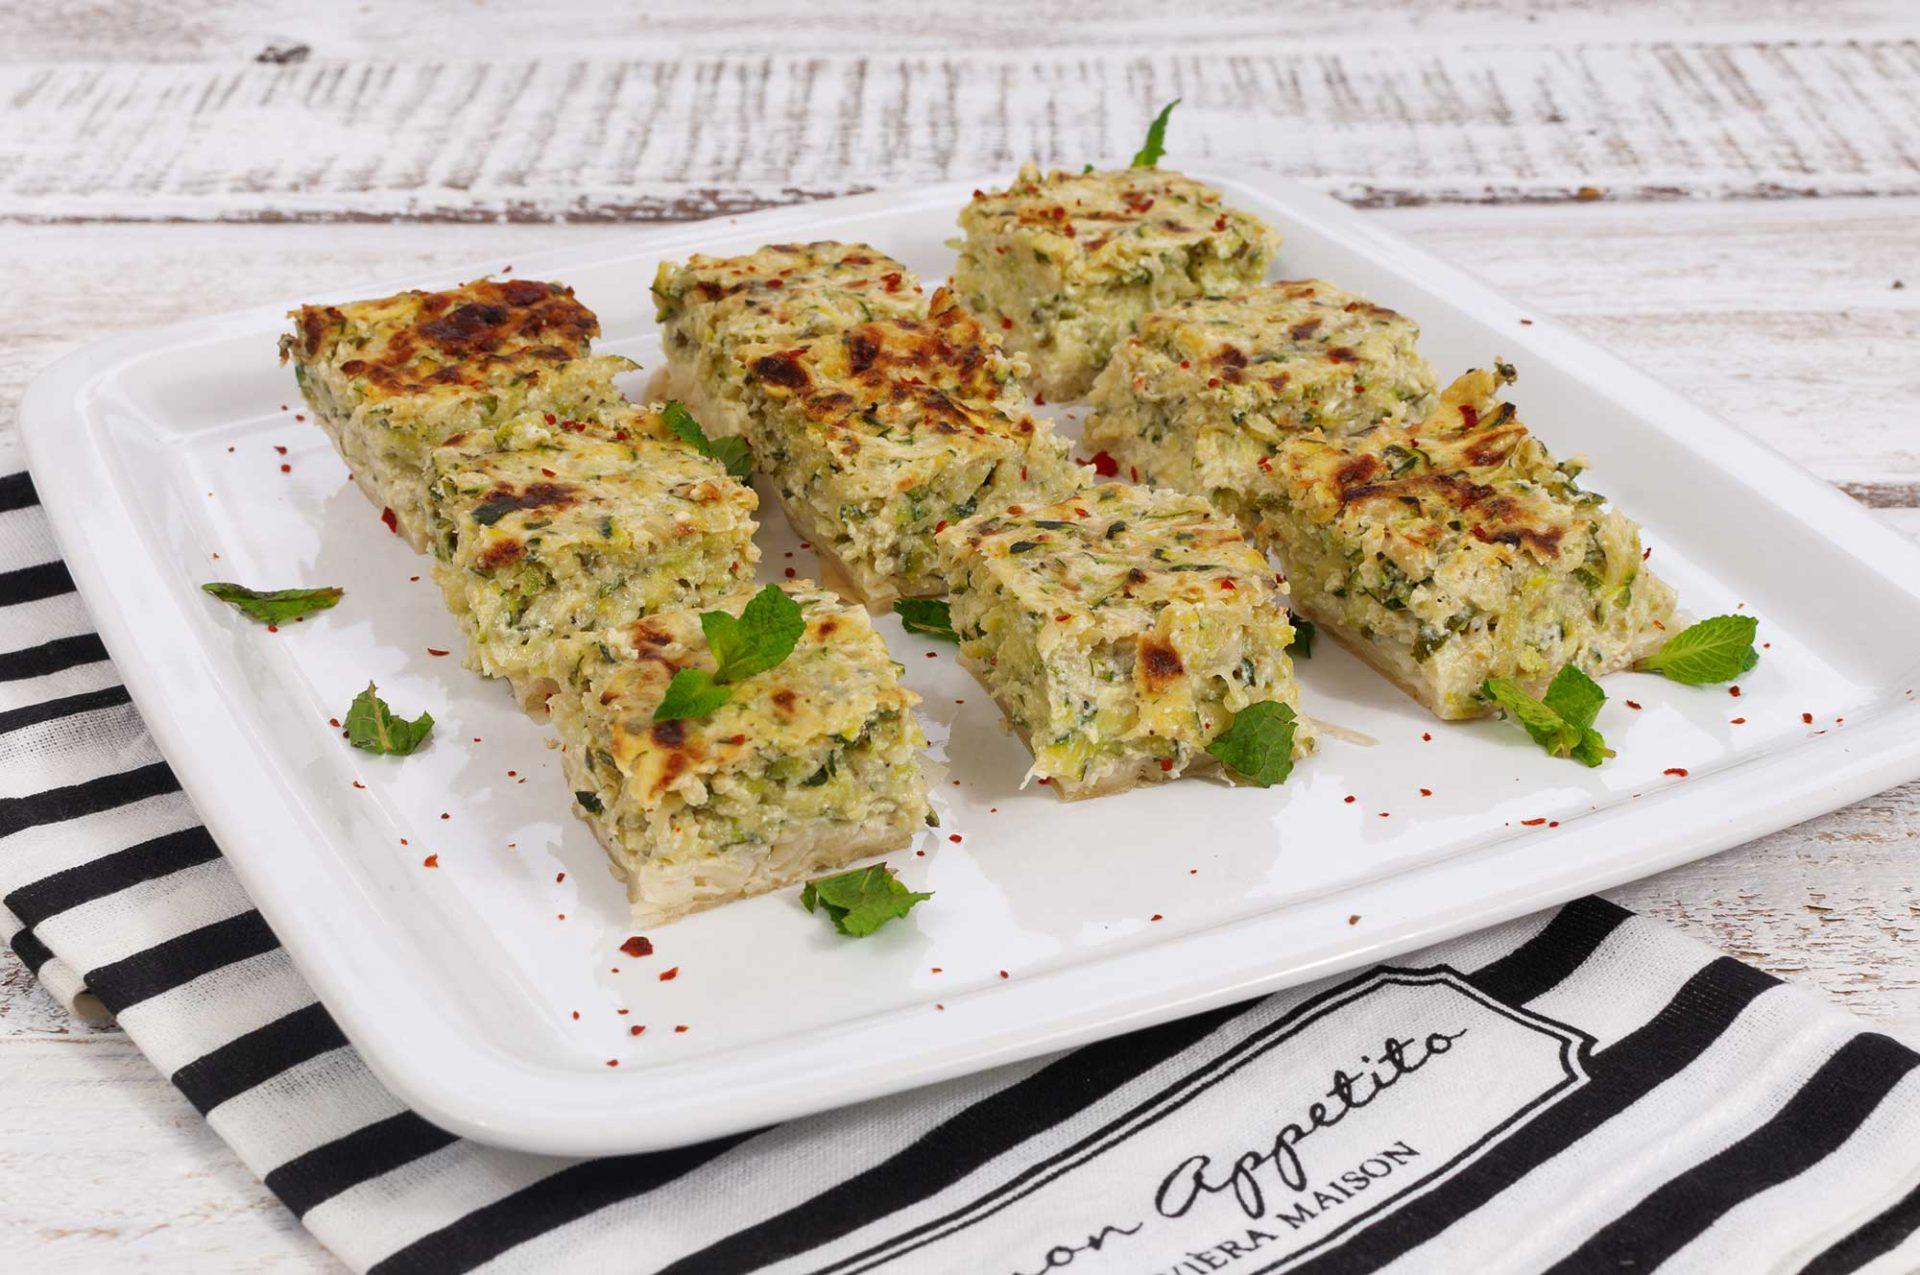 Zucchini-Ricotta-Happen auf Filoteig